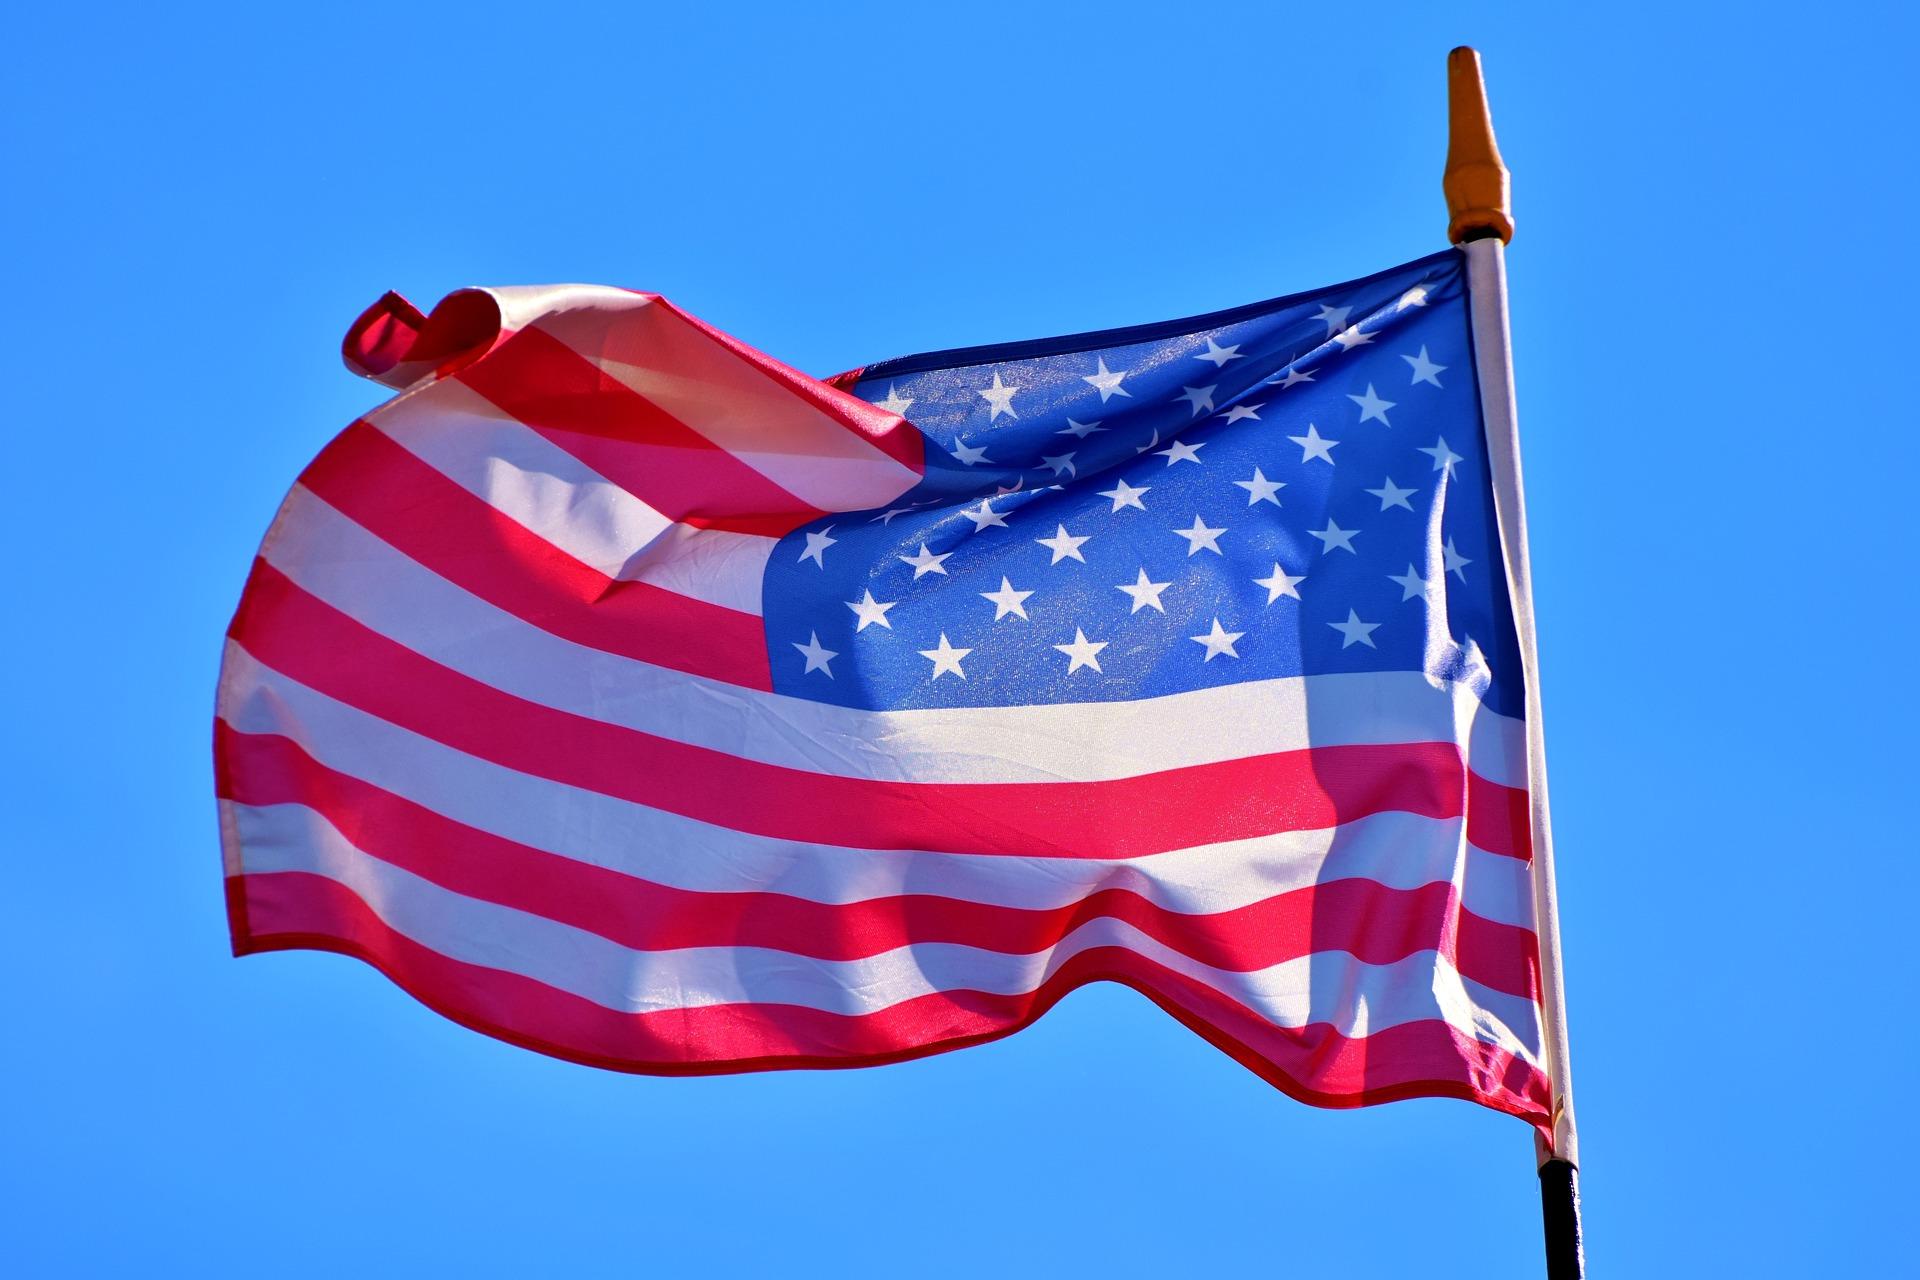 США выразили надежду 'однажды' открыть свои дипмиссии по всей России